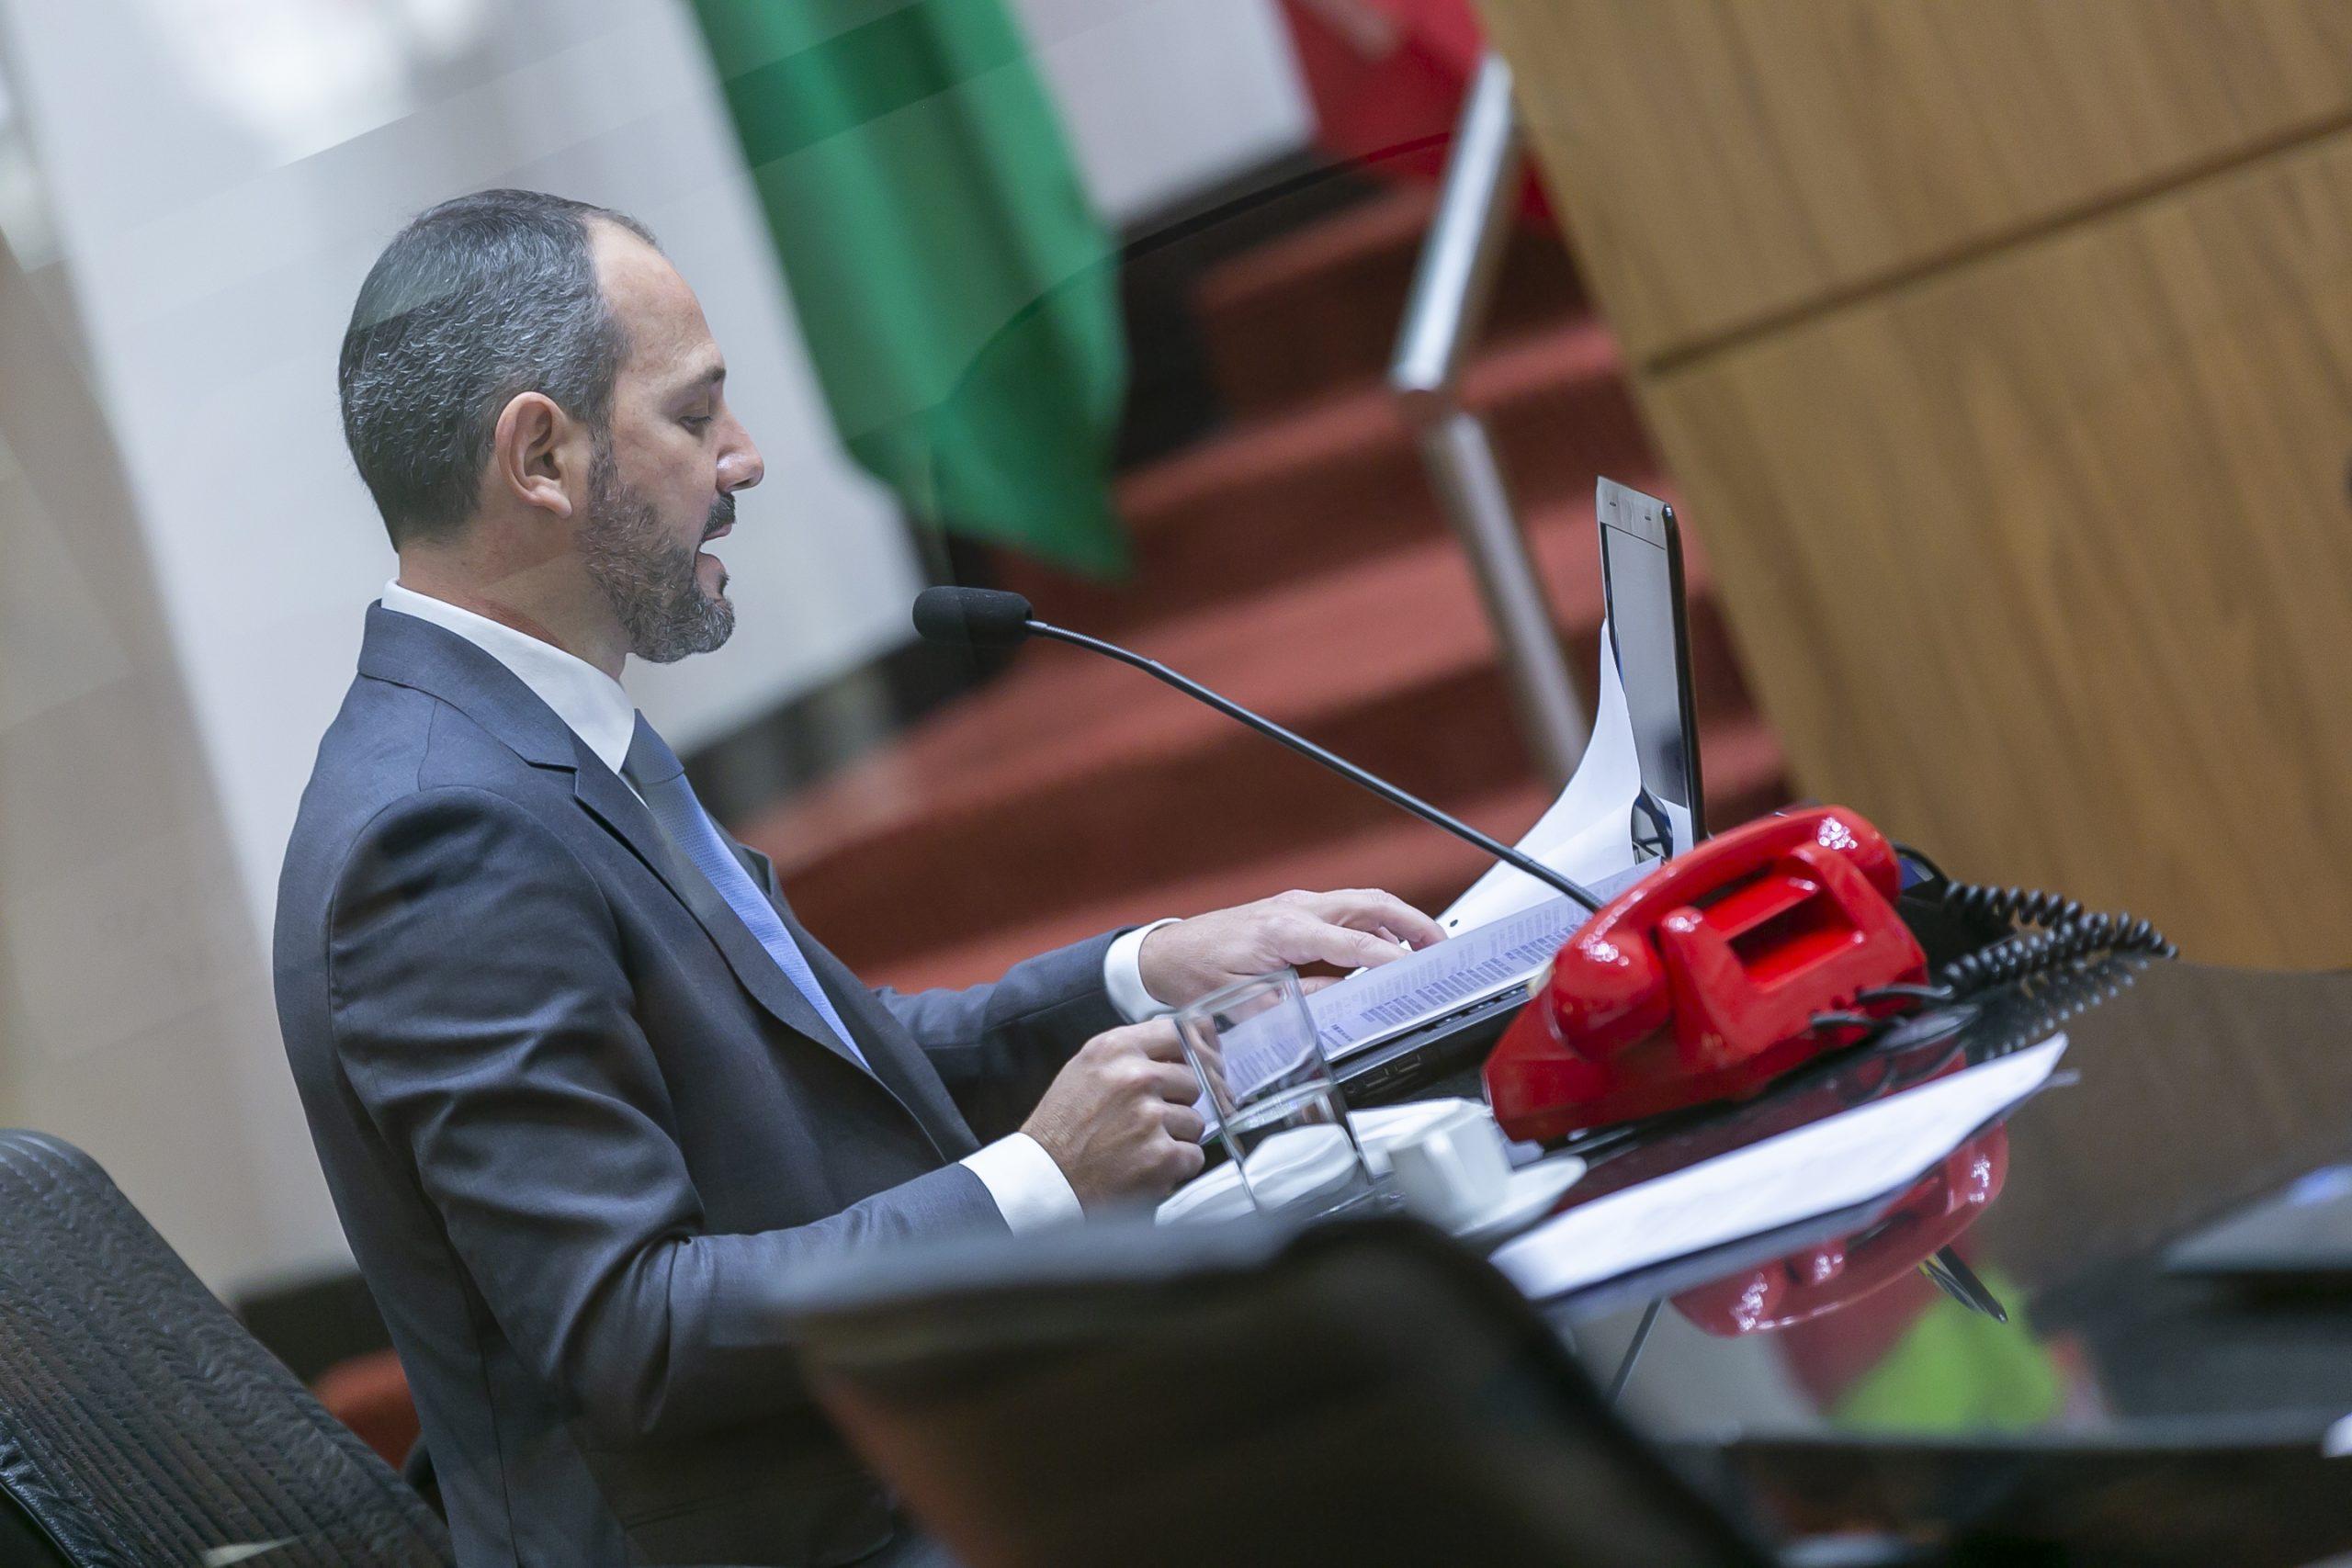 Pedido de impeachment do governador e da vice é lido em plenário